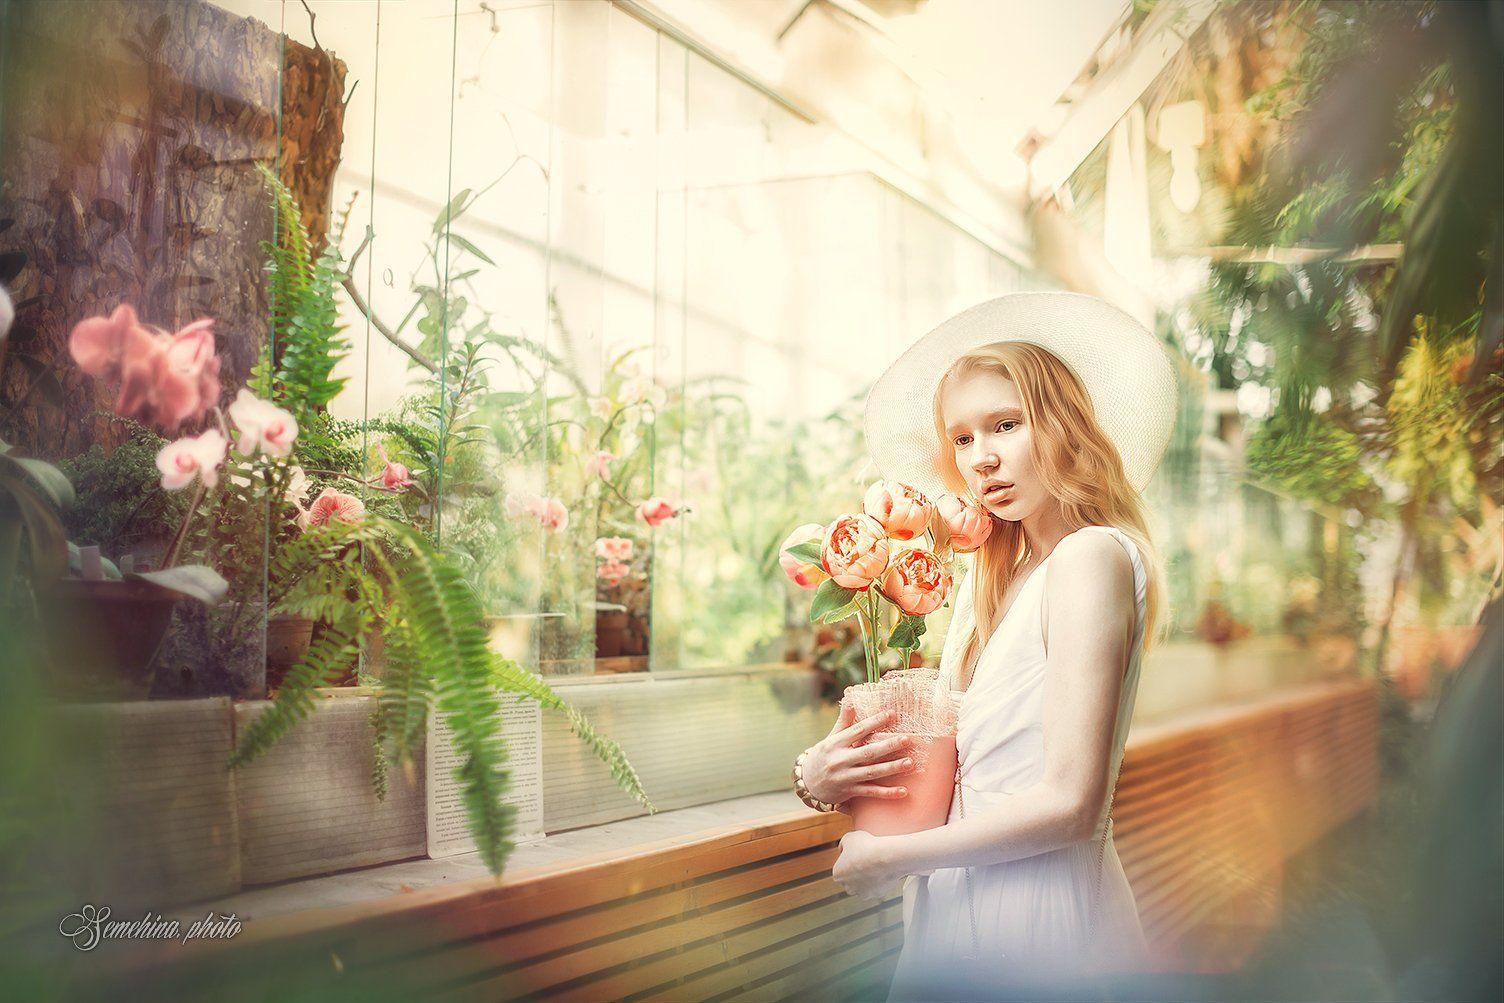 девушка, цветы, платье, шляпа, блондинка, оранжерея, винтаж, Марина Семёхина